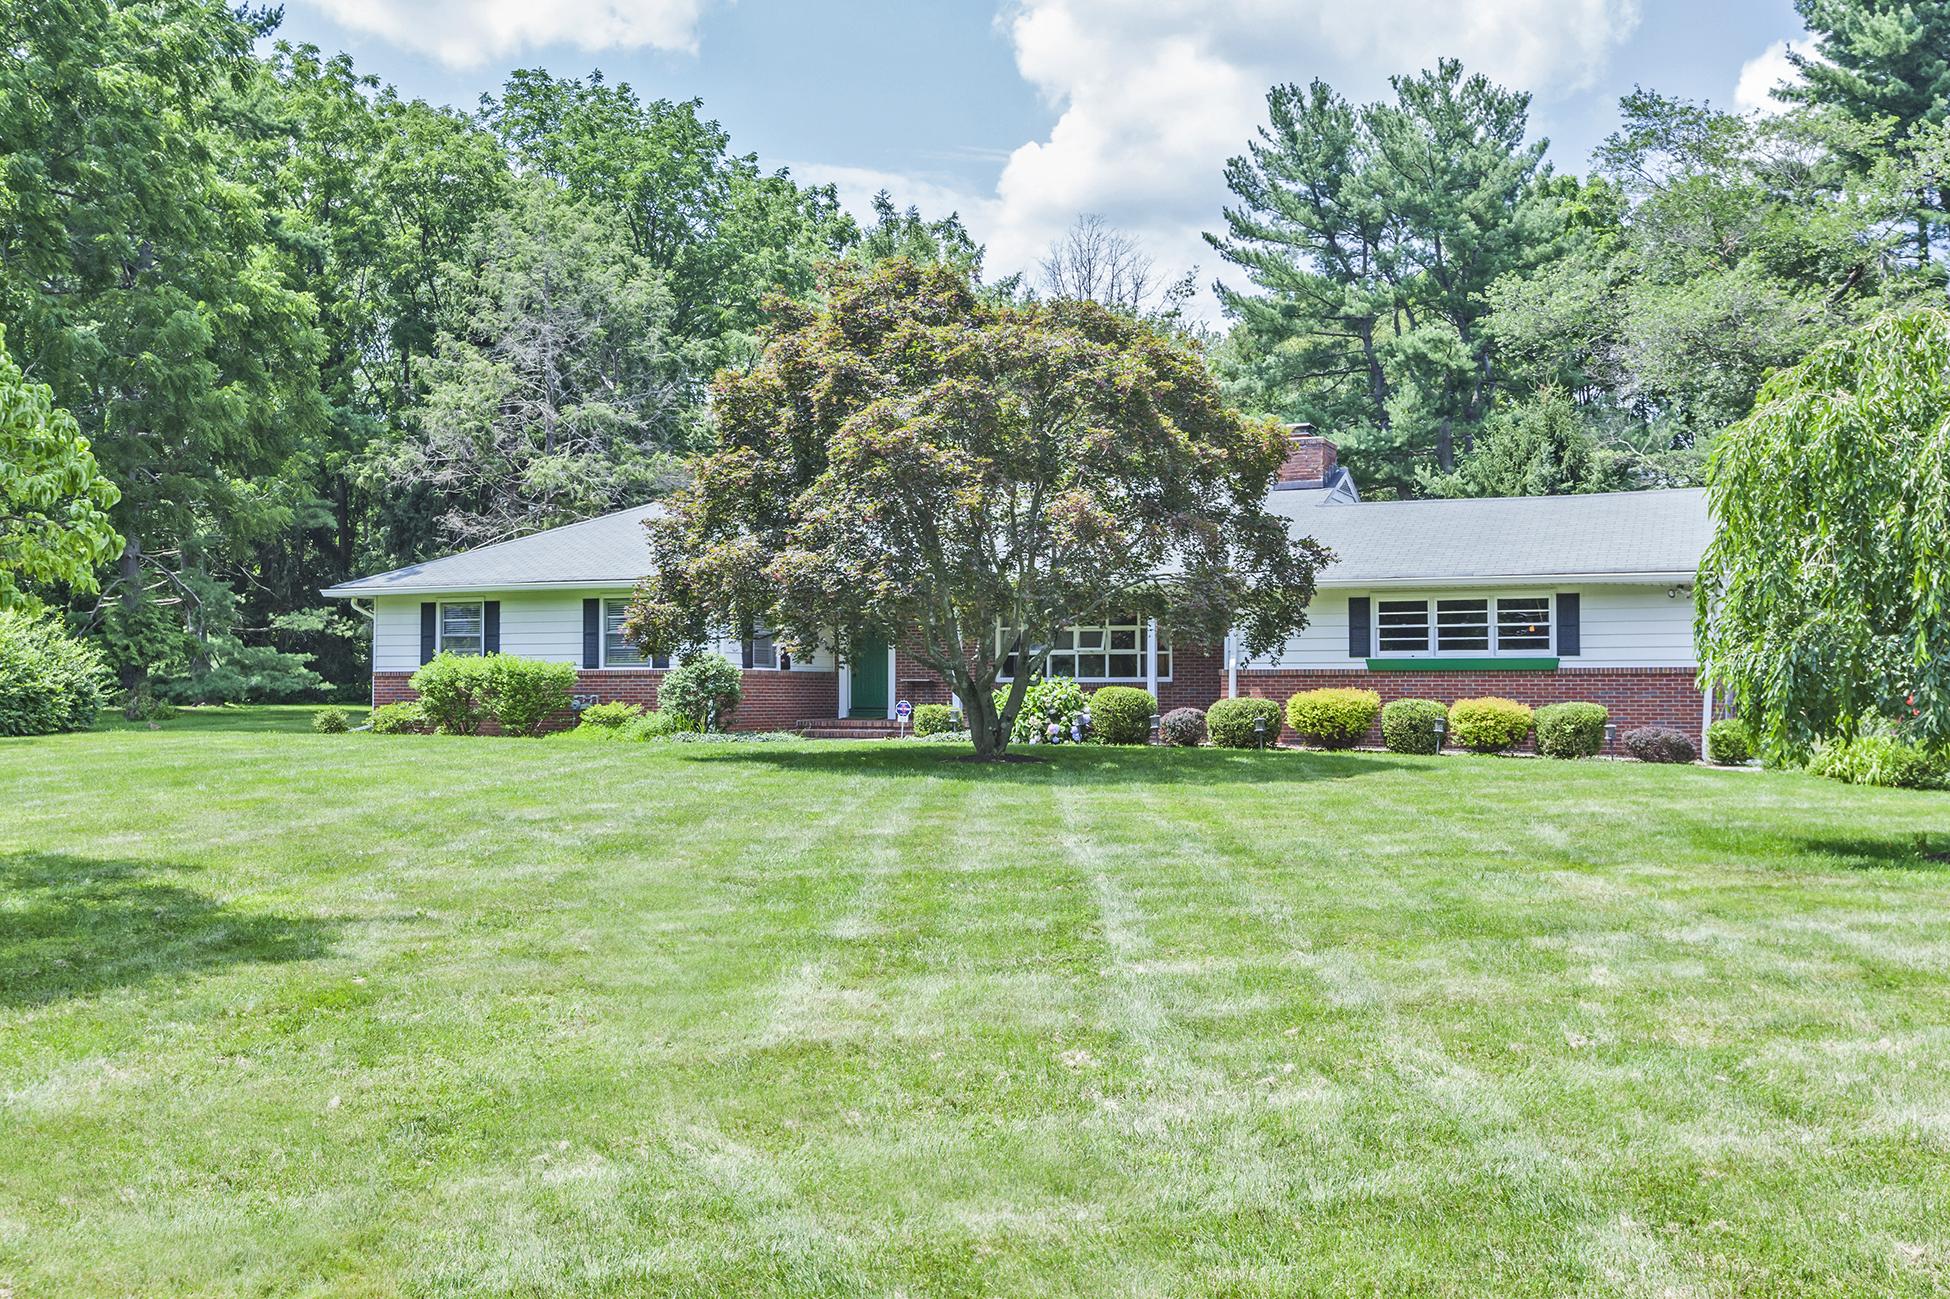 Einfamilienhaus für Verkauf beim Spacious Princeton Ranch On a Gently Rolling Lawn 961 Mercer Road Princeton, New Jersey 08540 Vereinigte Staaten